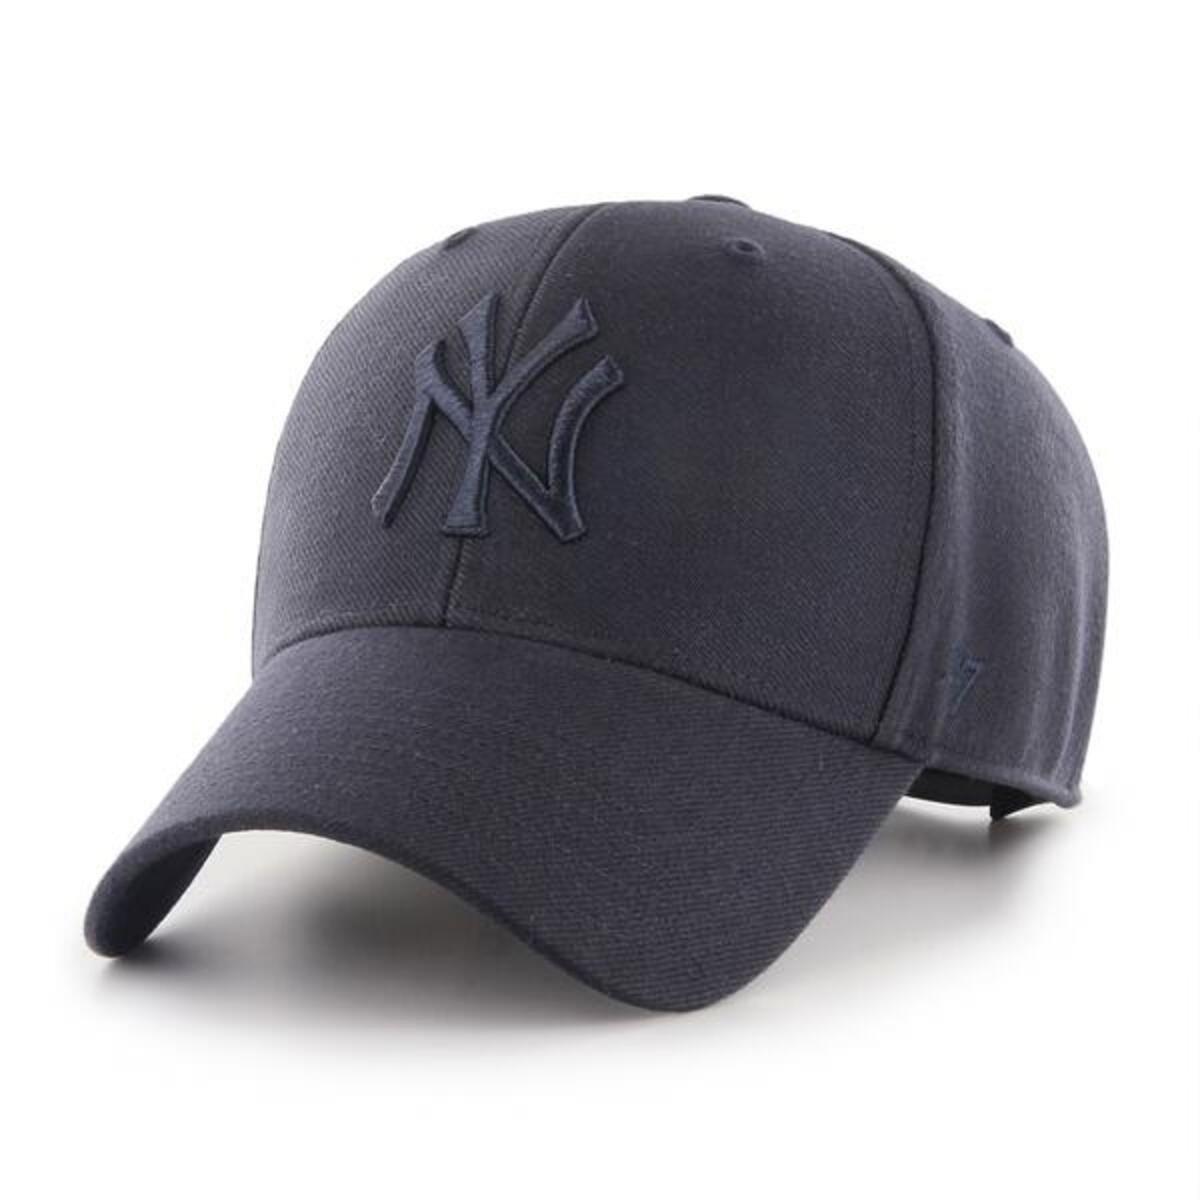 pol_pl_Czapka-z-daszkiem-47-Brand-New-York-Yankees-granatowa-B-MVPSP17WBP-NYA-35844_3